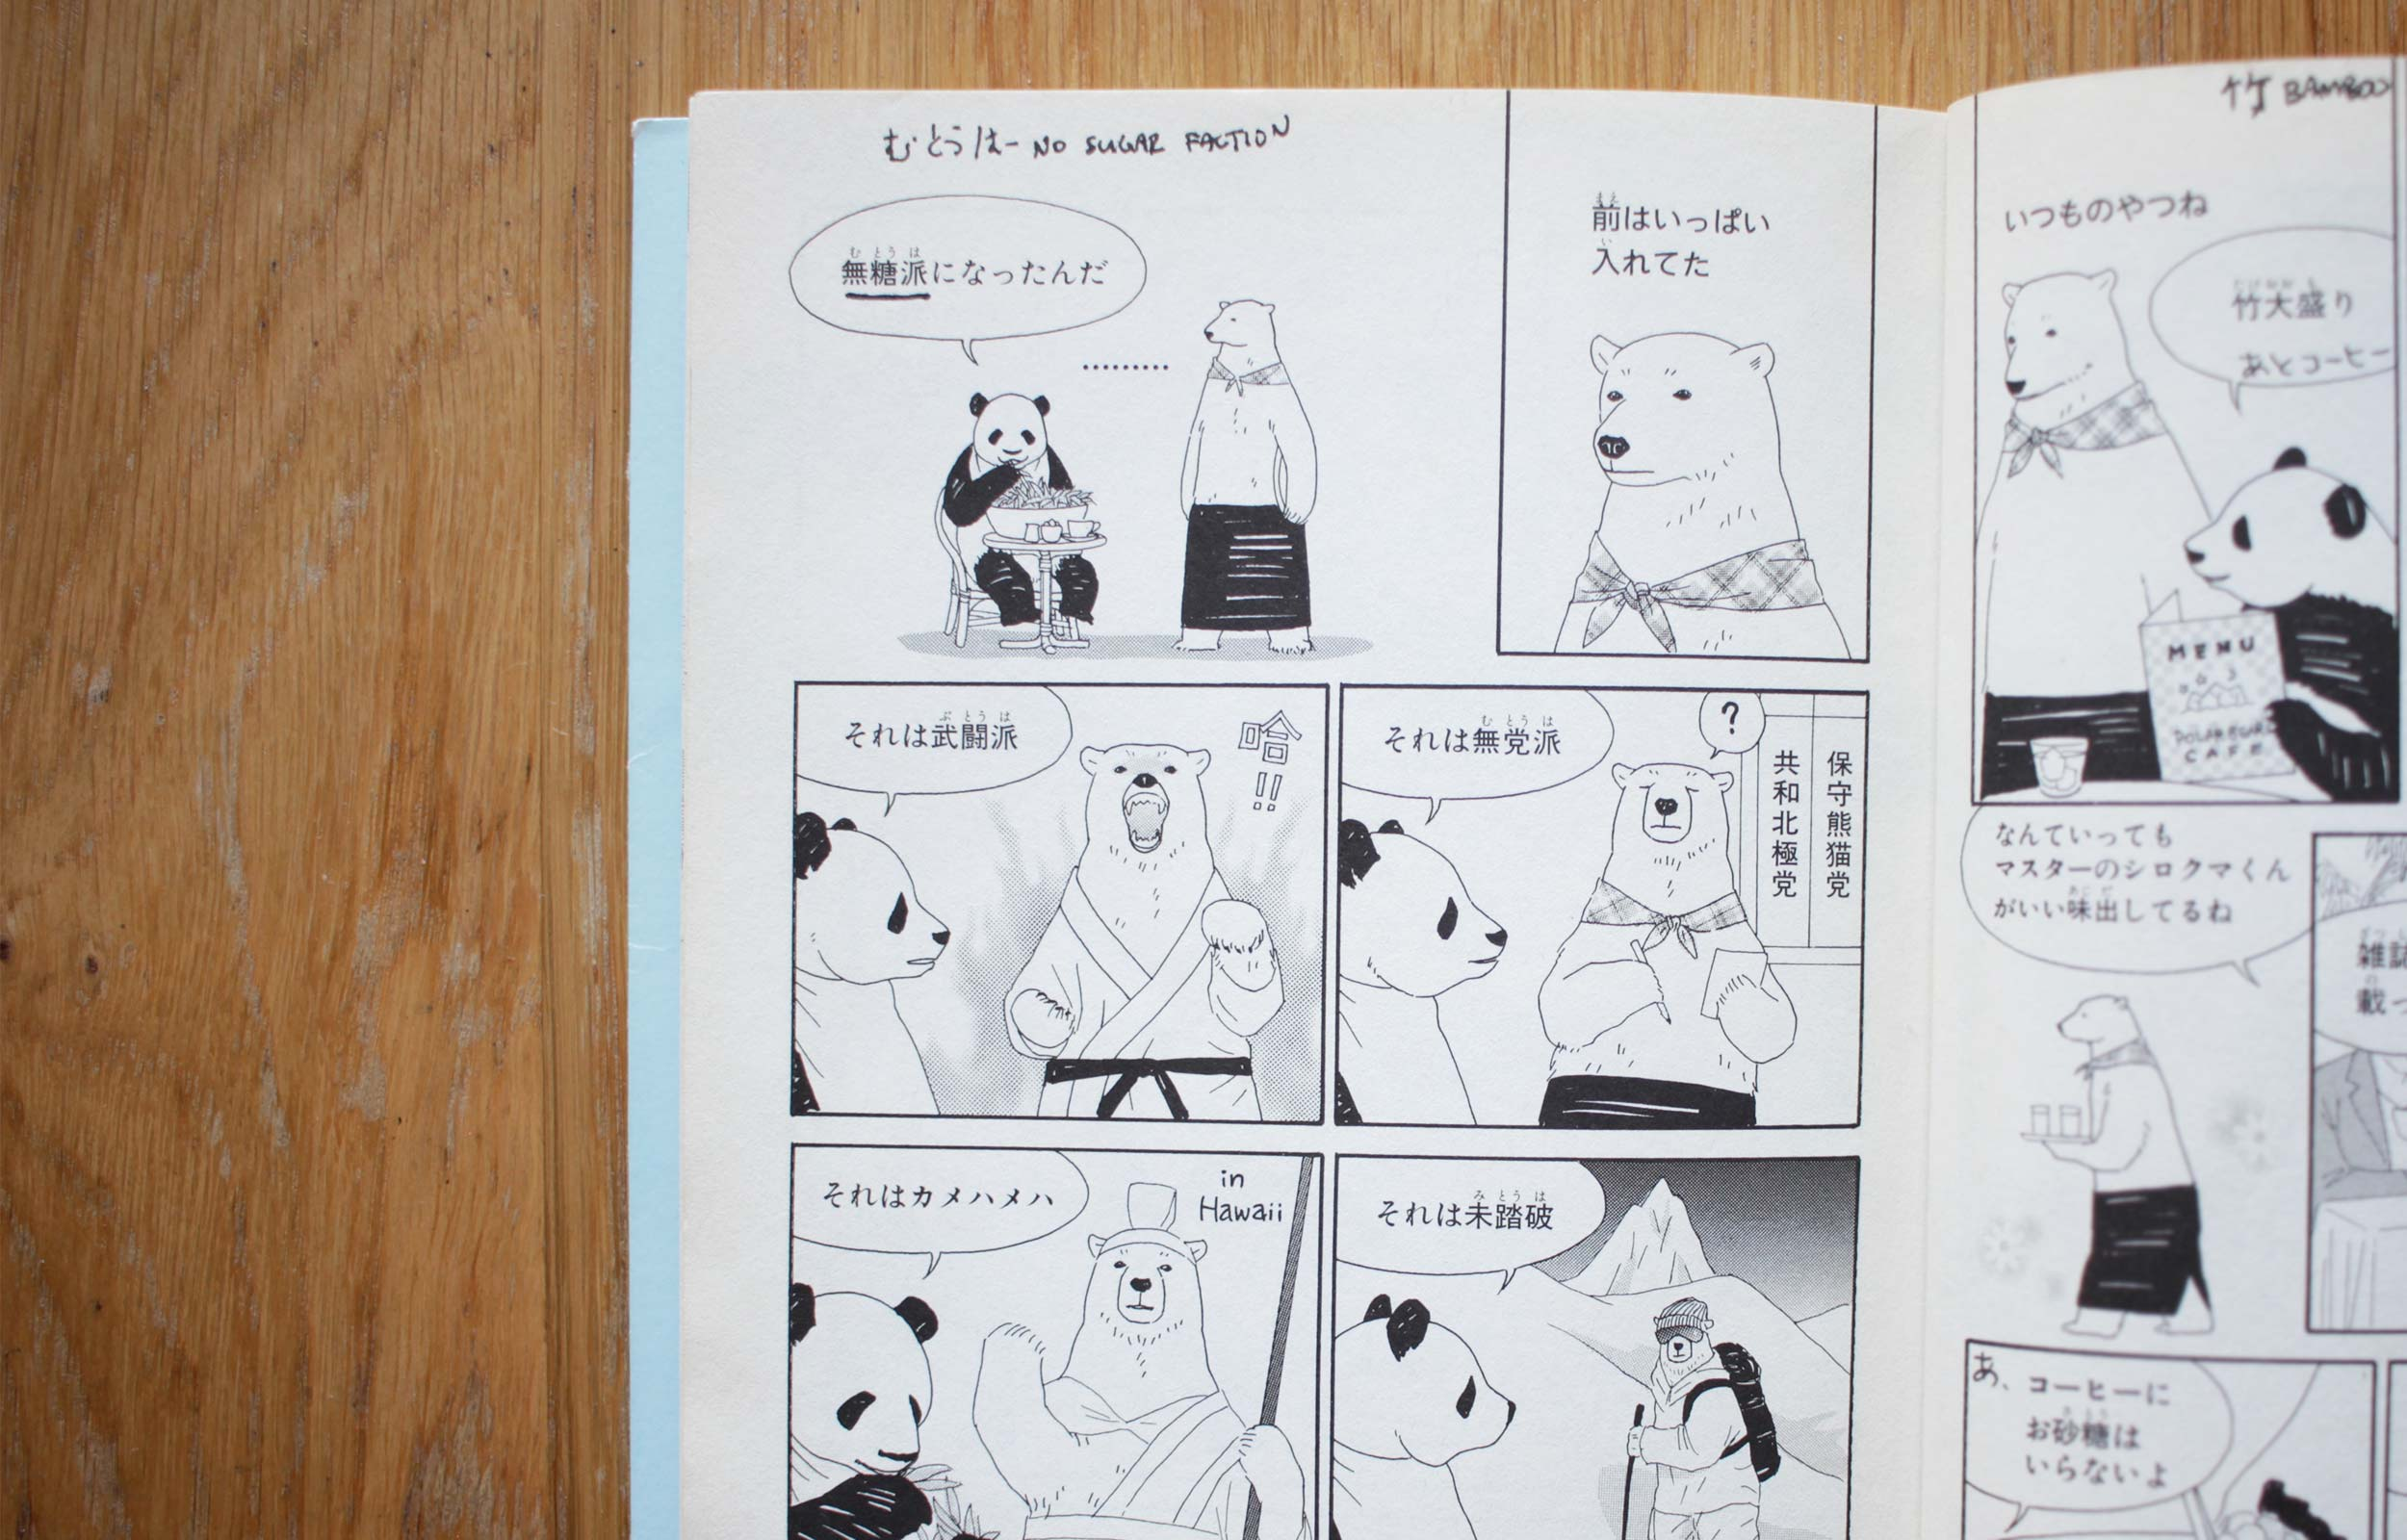 Polar Bear jokes around with wordplays and puns